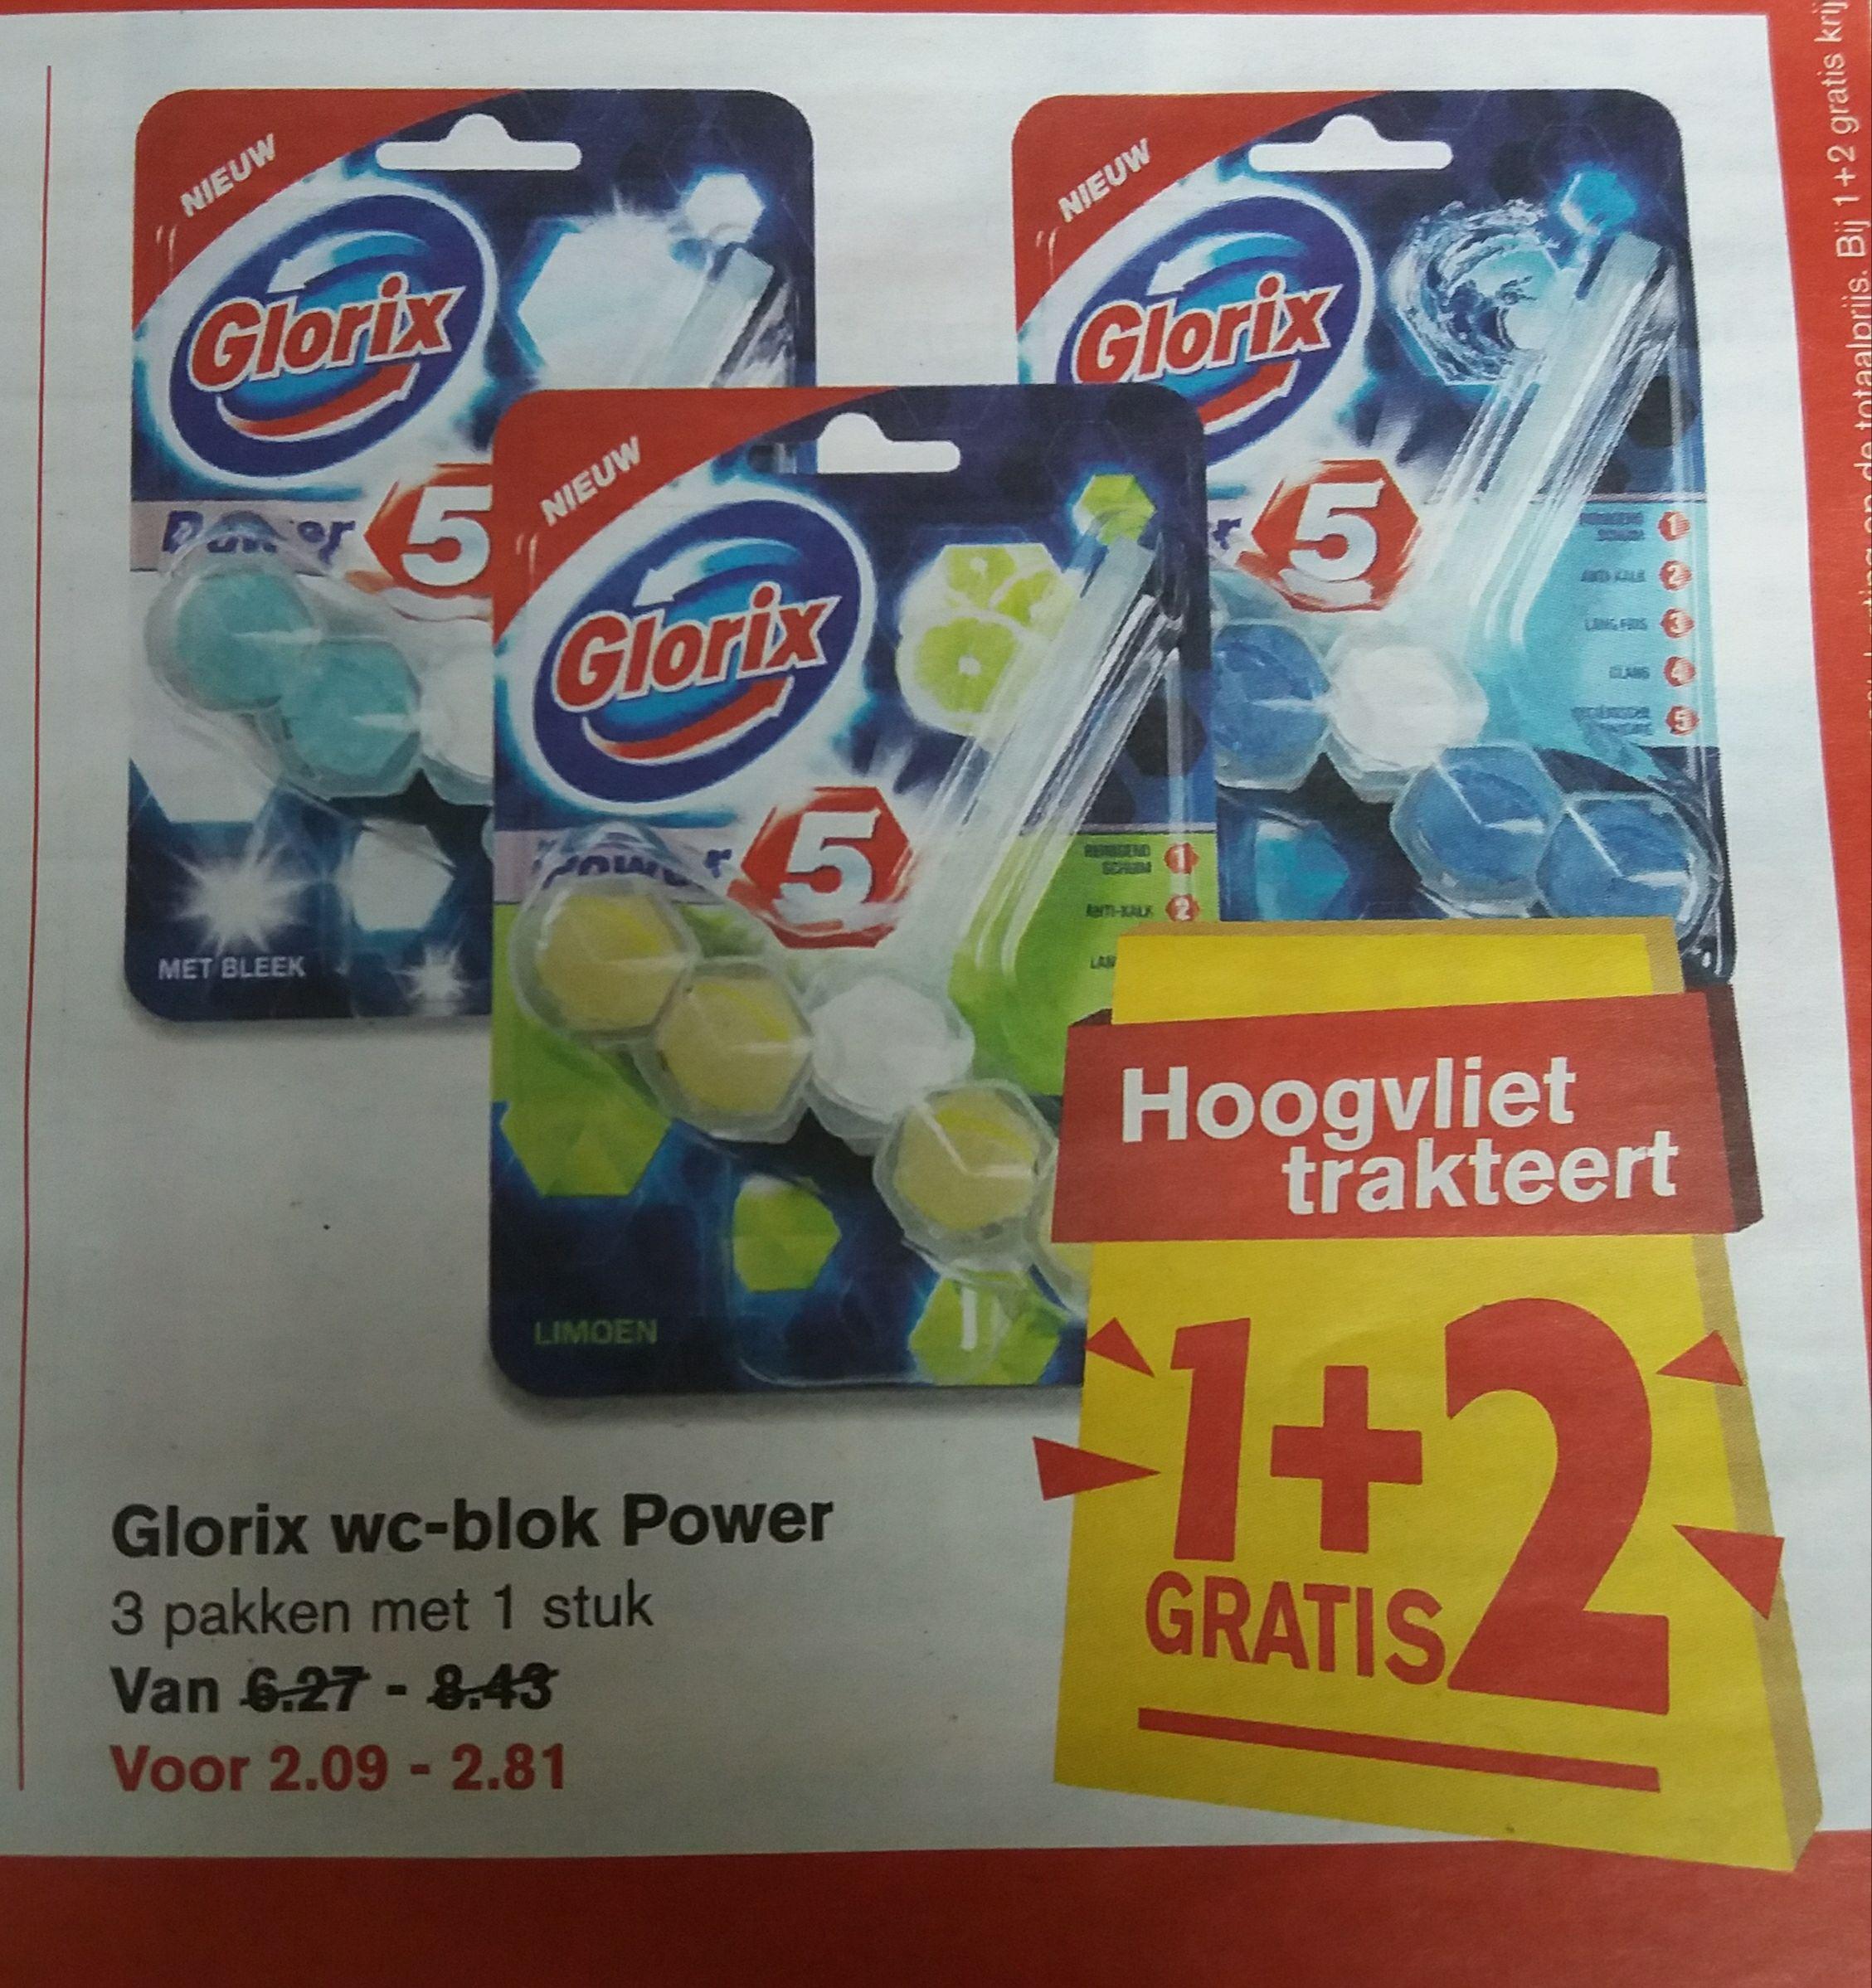 Glorix wc-blok Power 1+2 gratis @Hoogvliet